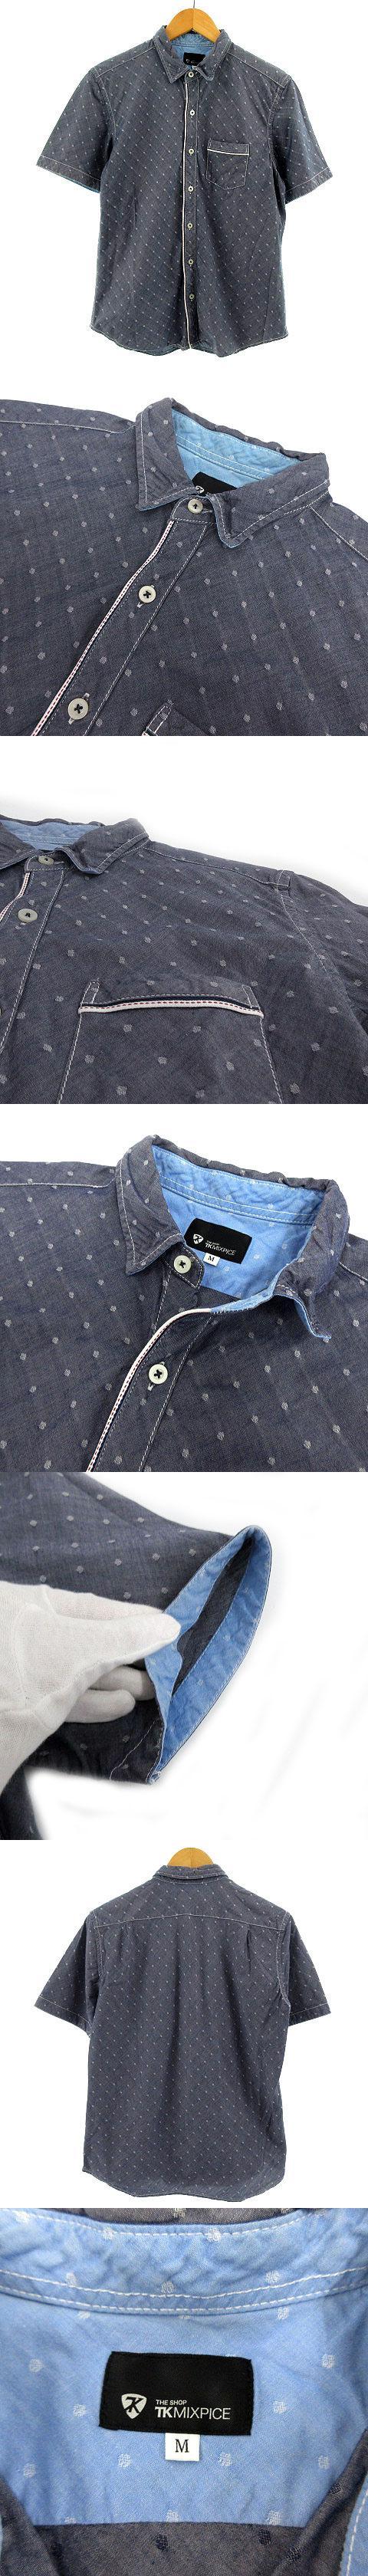 シャツ 半袖 ボタンダウン コットン ドット ブルーグレー グレー M